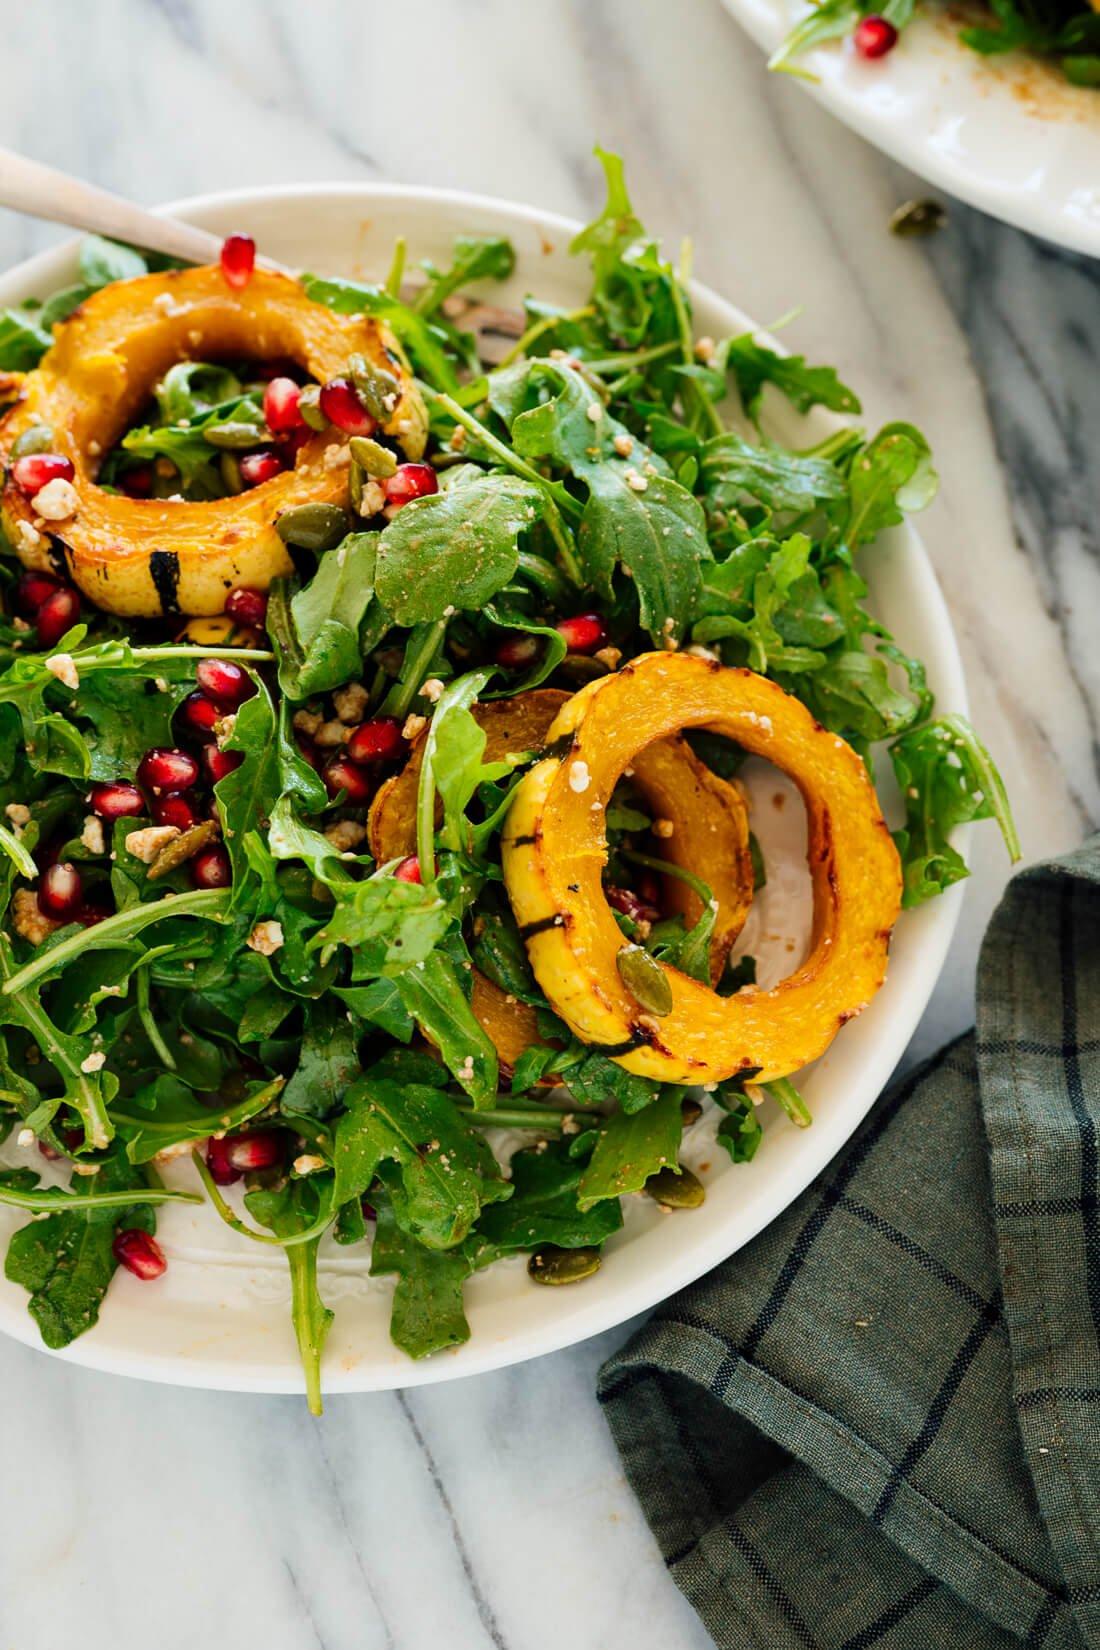 delicata squash salad on plate